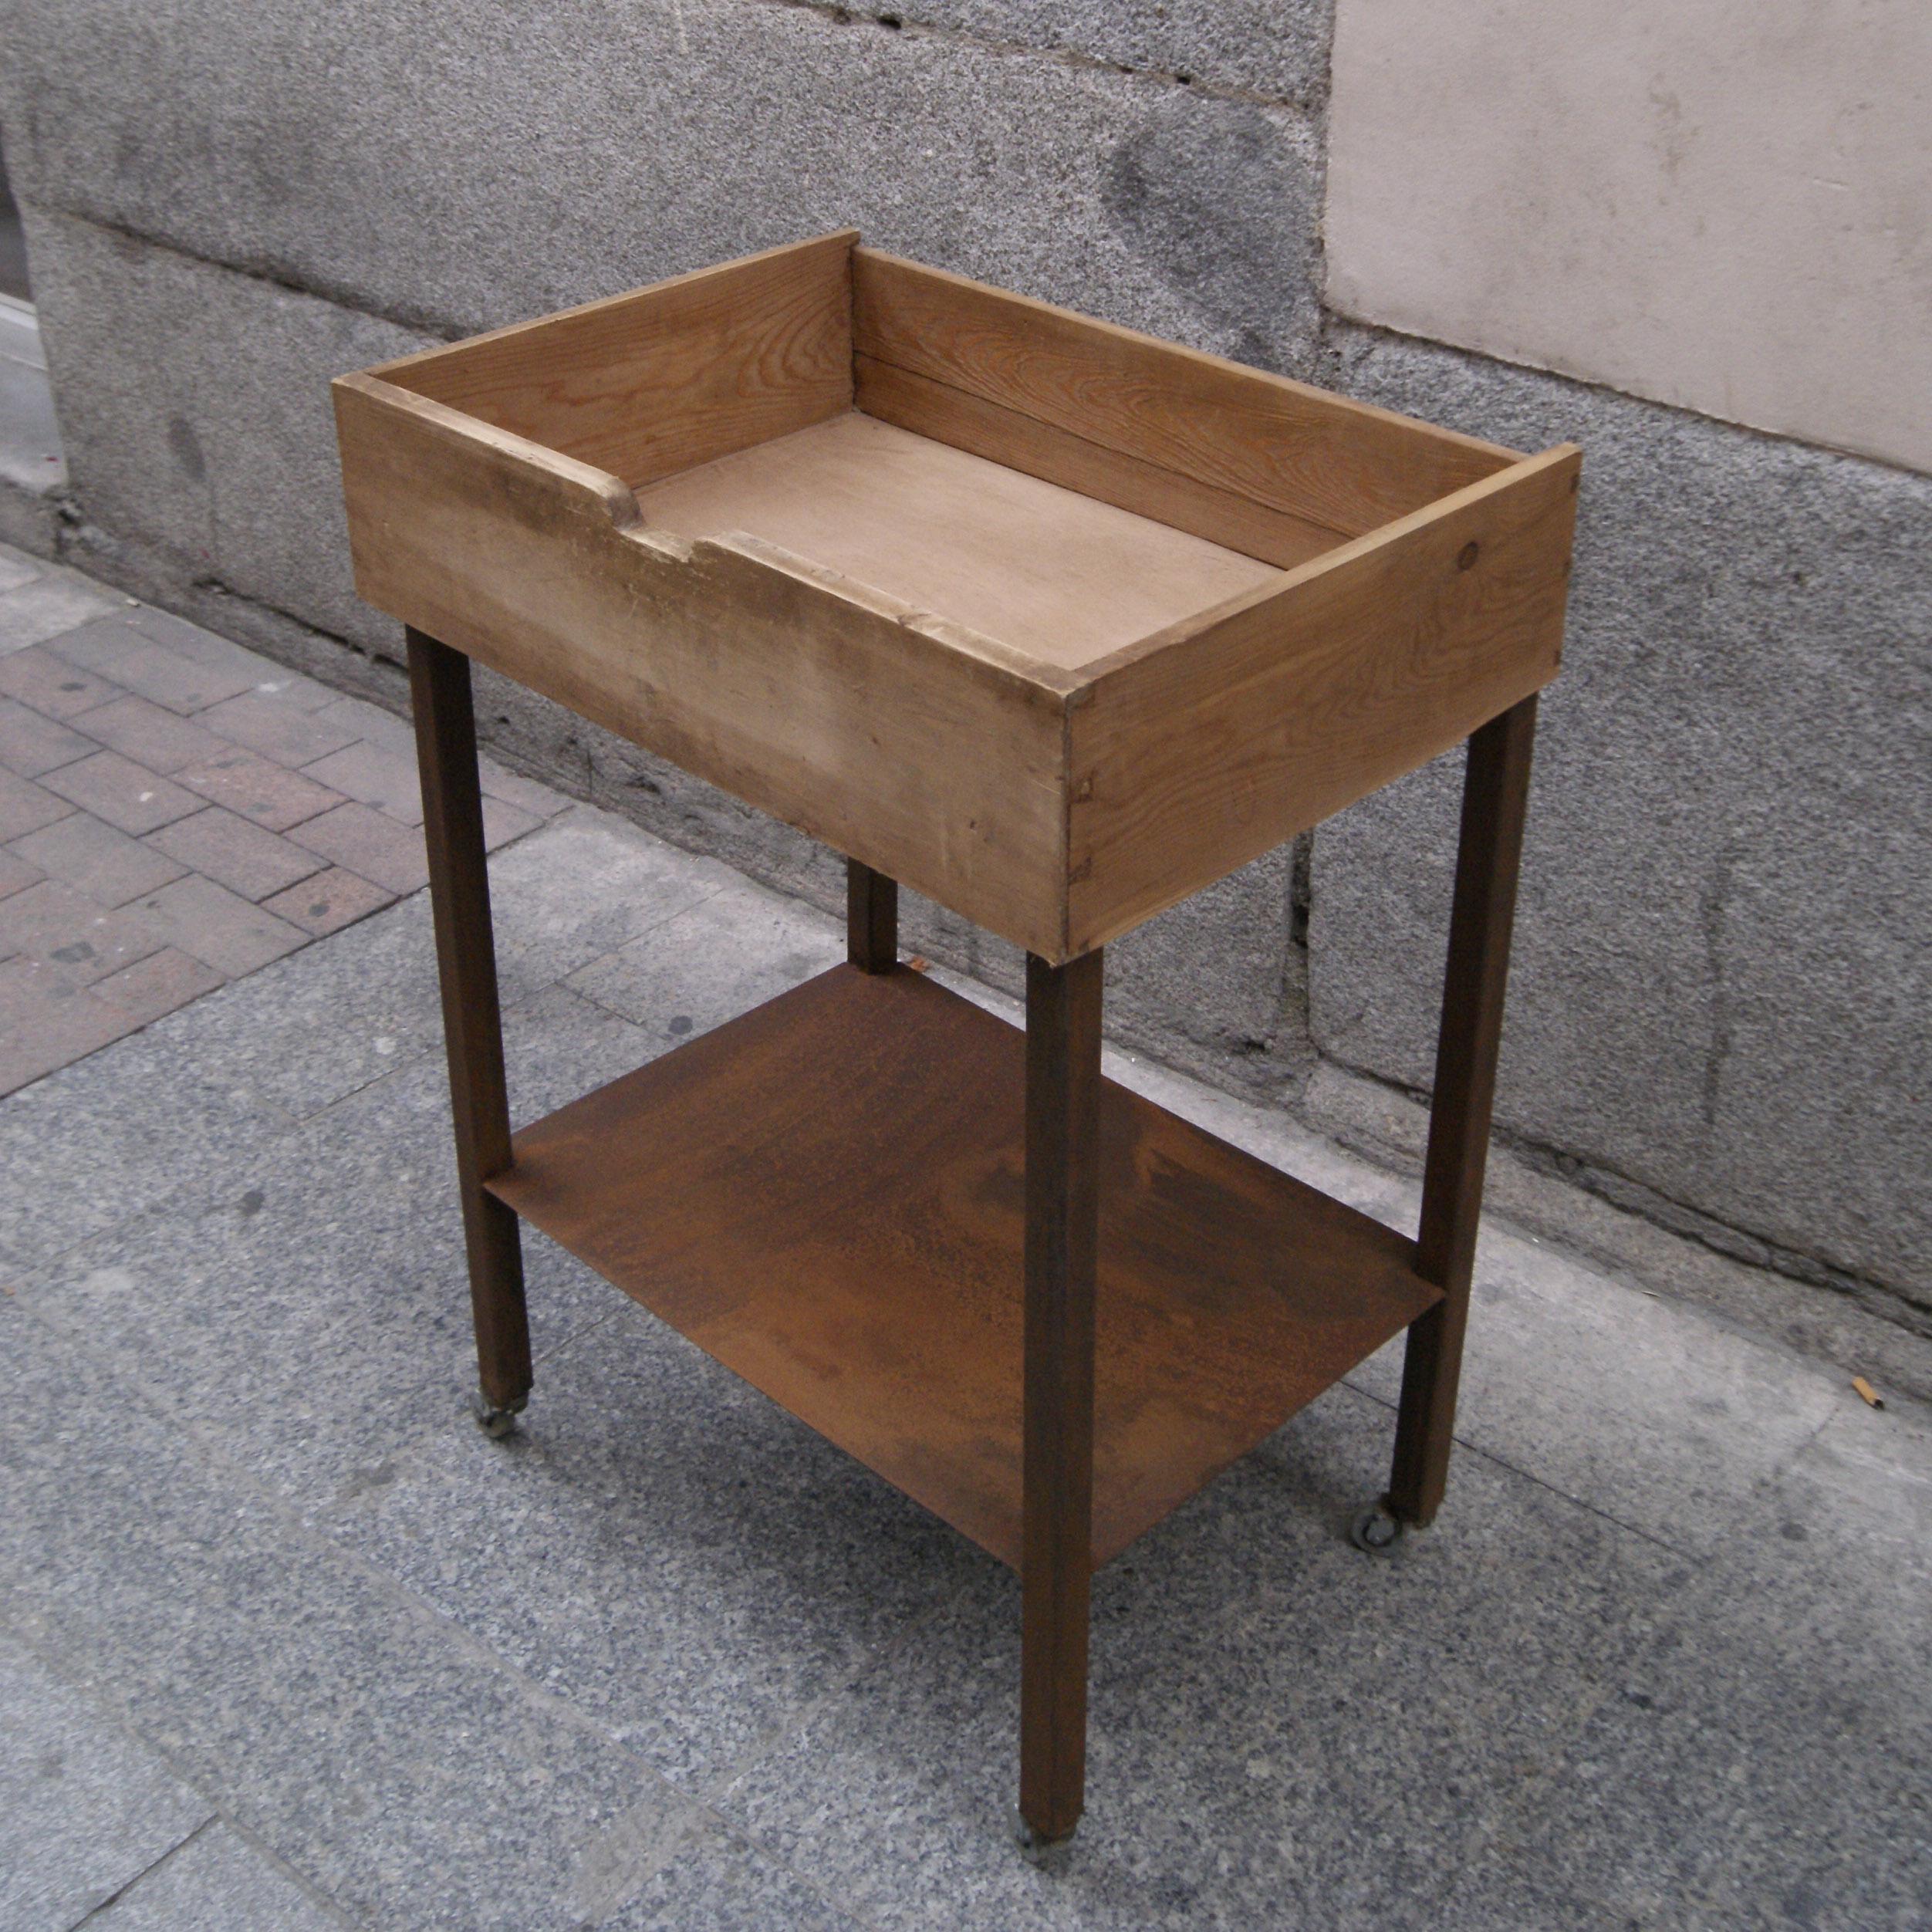 mueble bar hierro metalico madera cajon estilo industrial a medoda por encargo madrid toledo interiorista